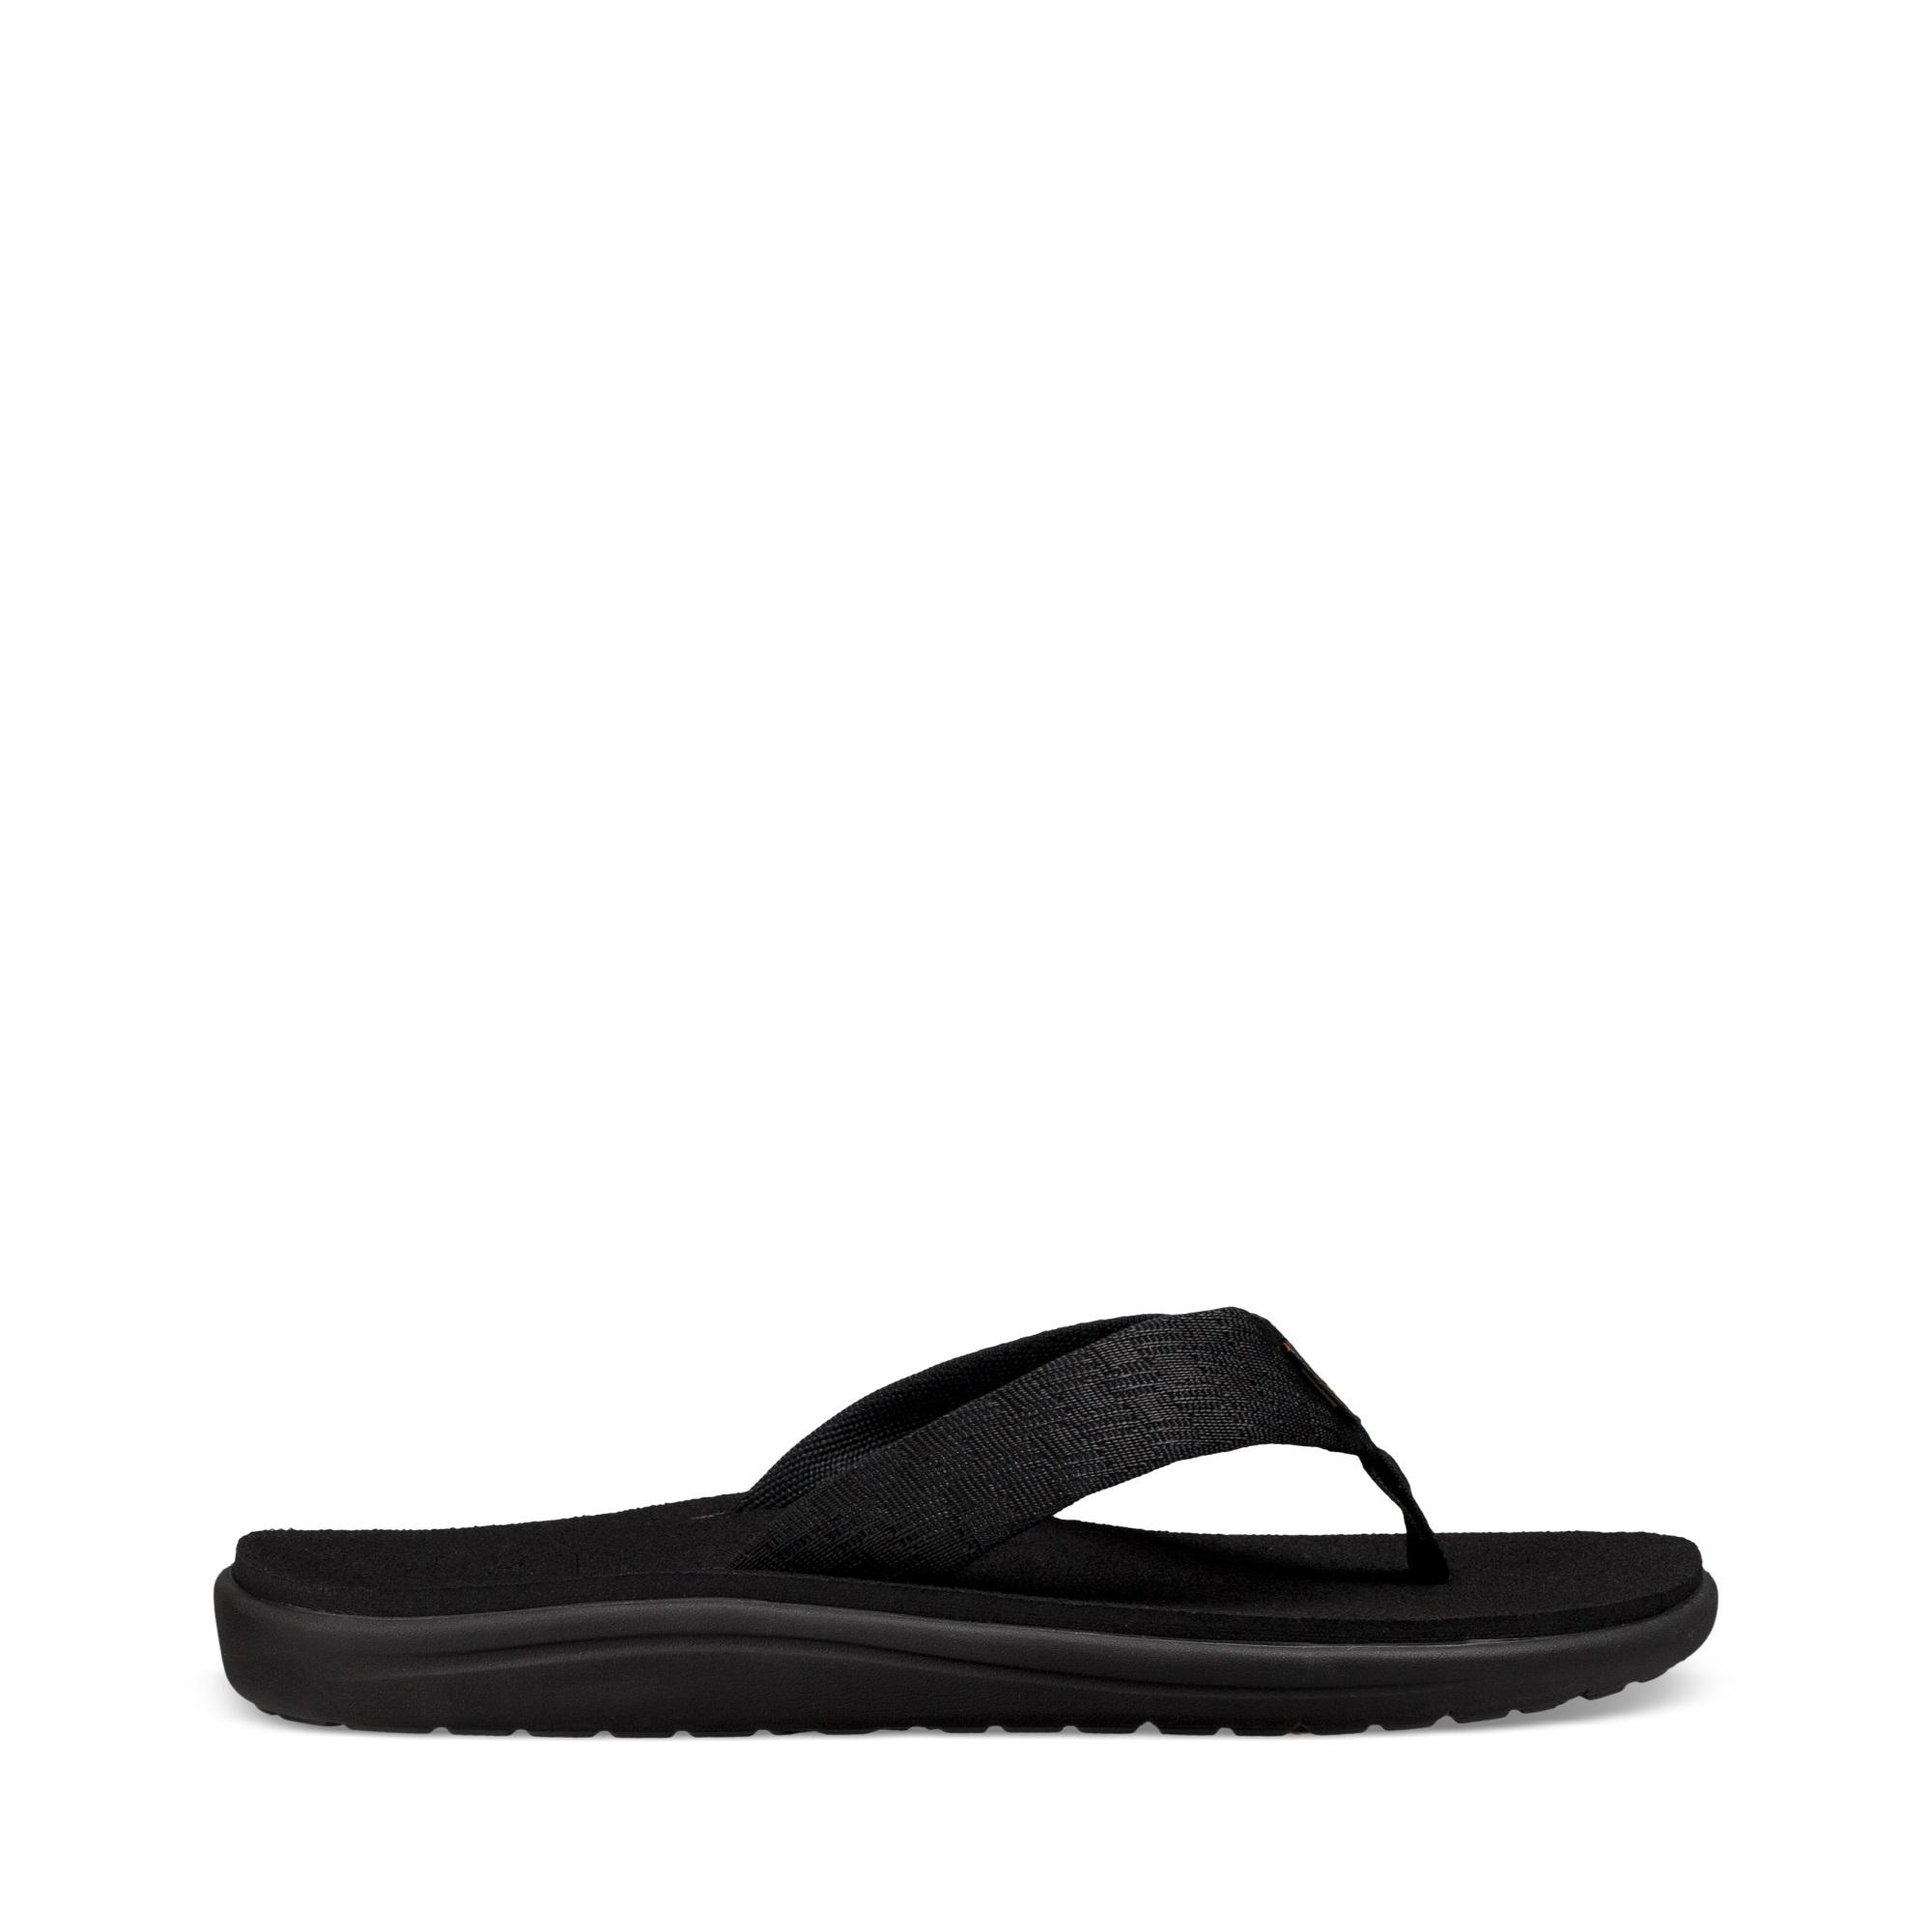 Teva M Voya Flip - Sandal til mænd - Sort | Shoes and overlays